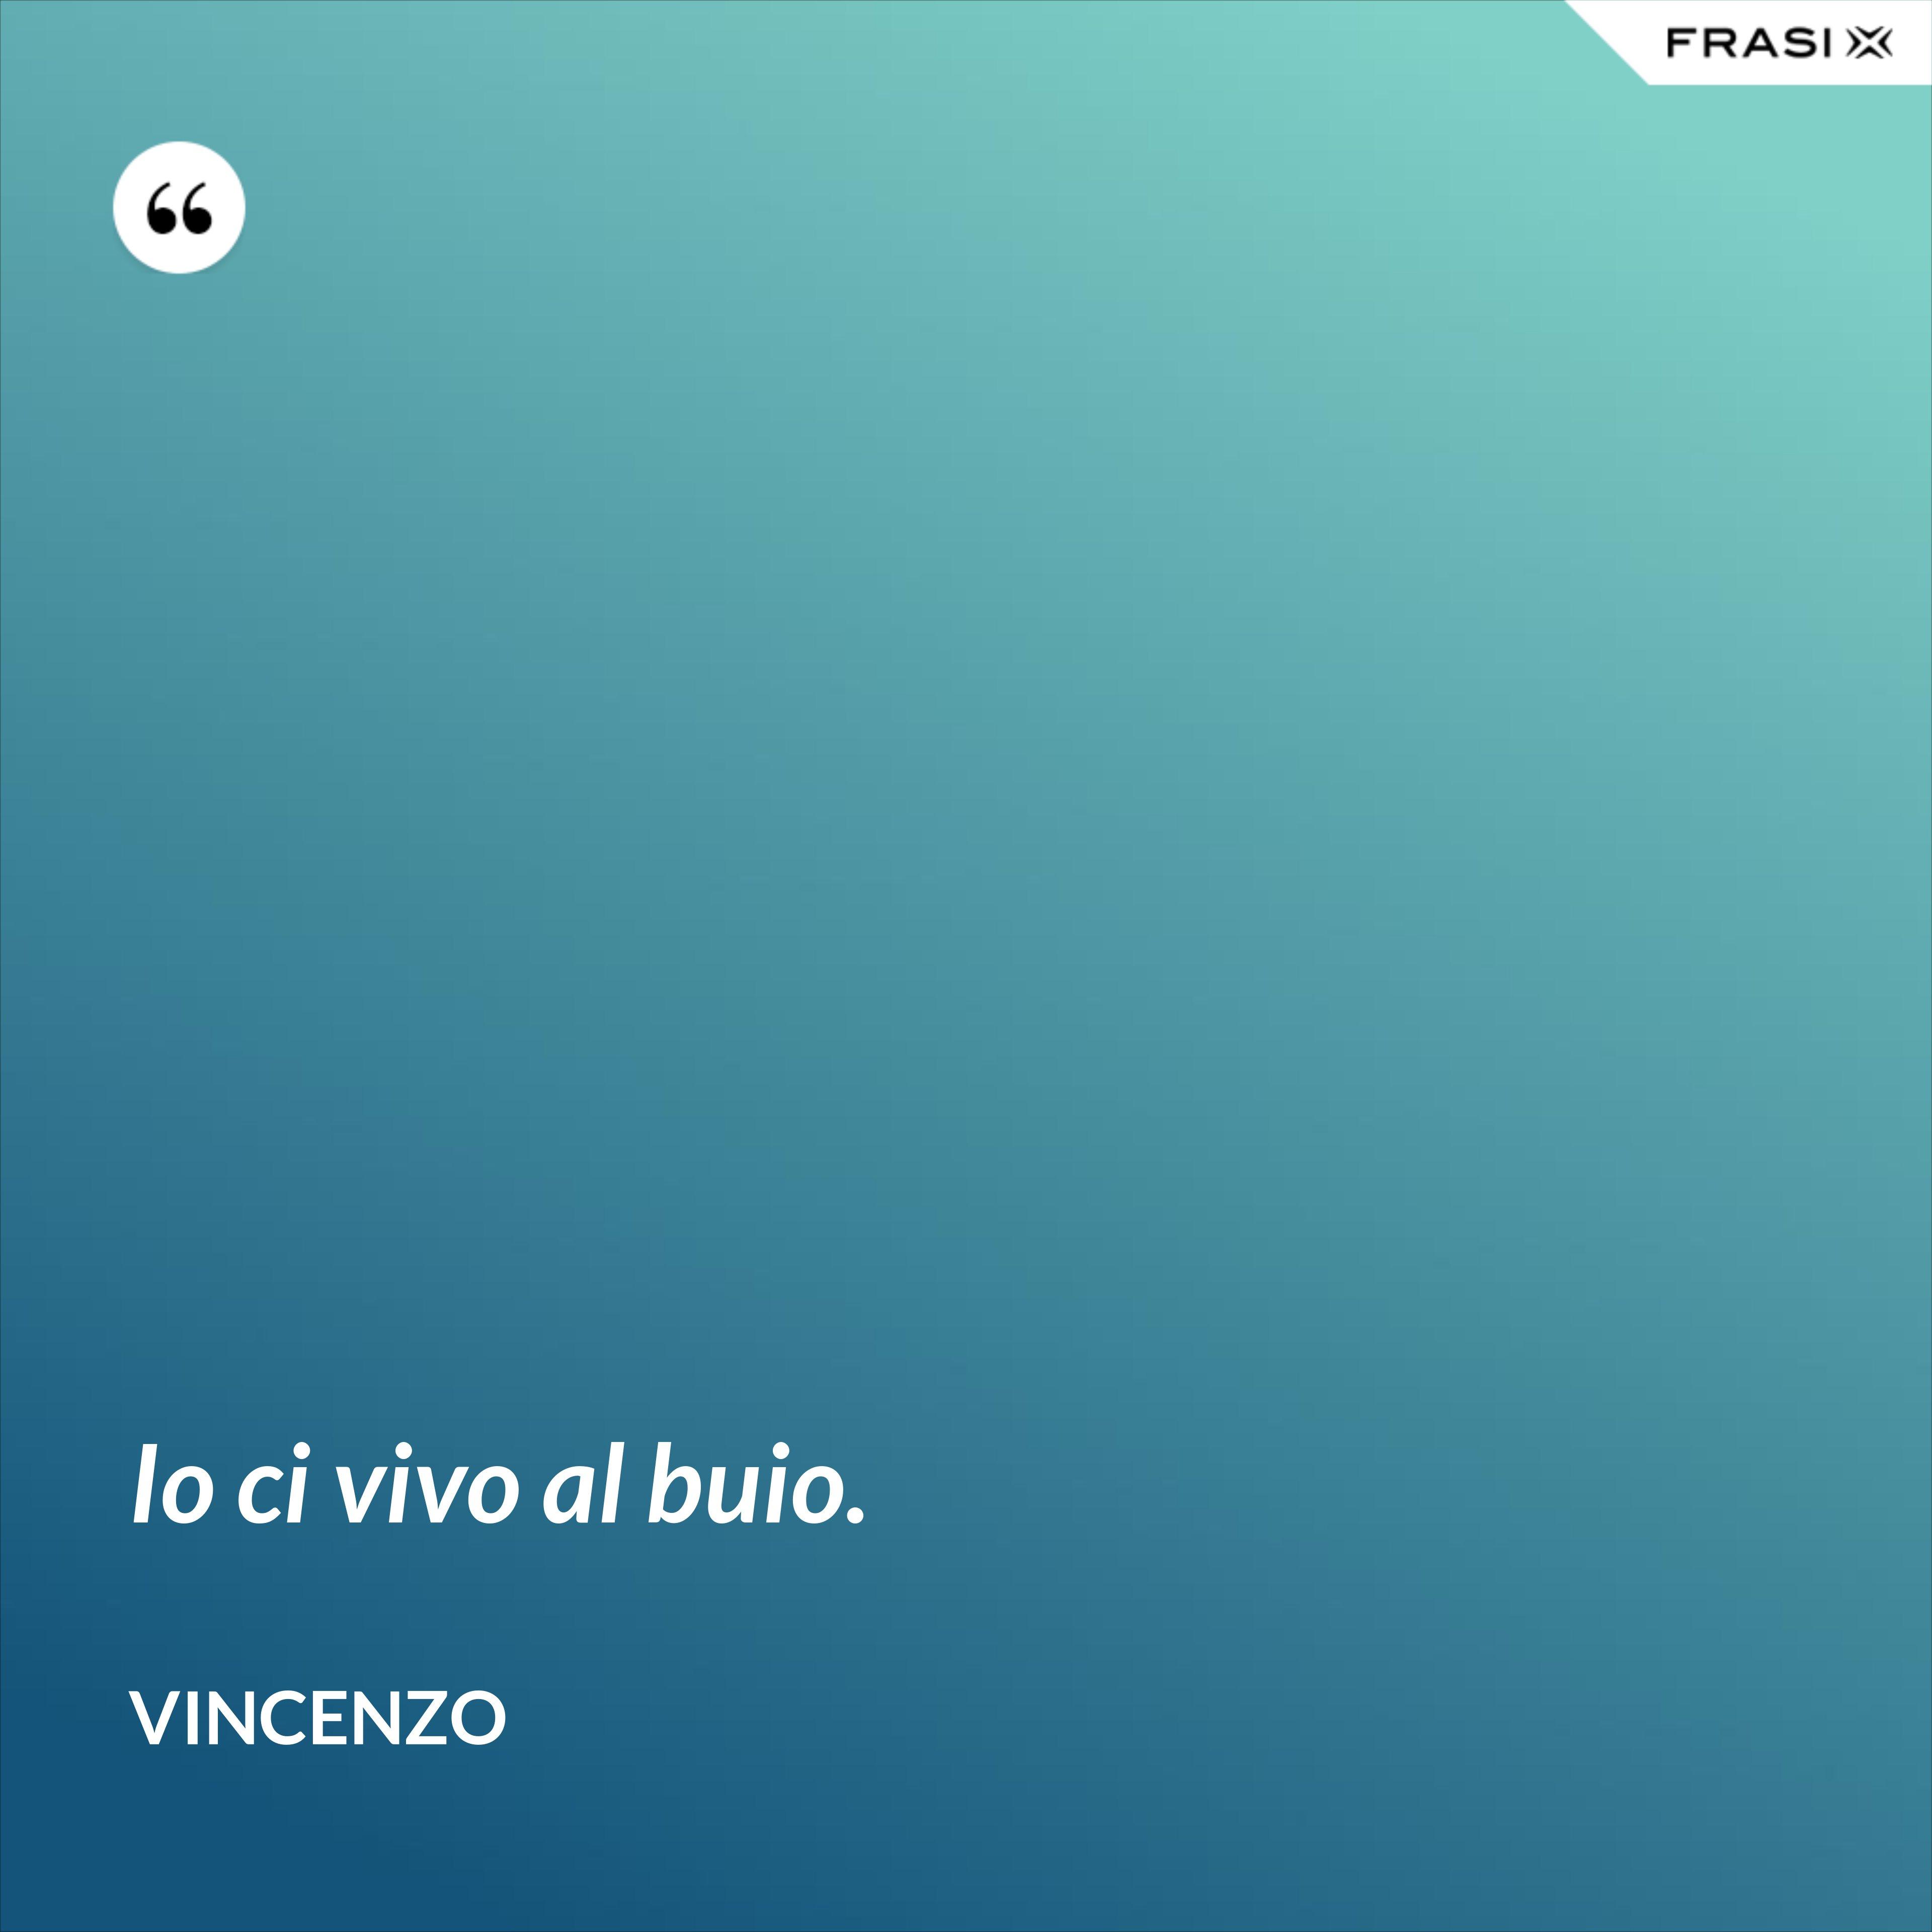 Io ci vivo al buio. - Vincenzo